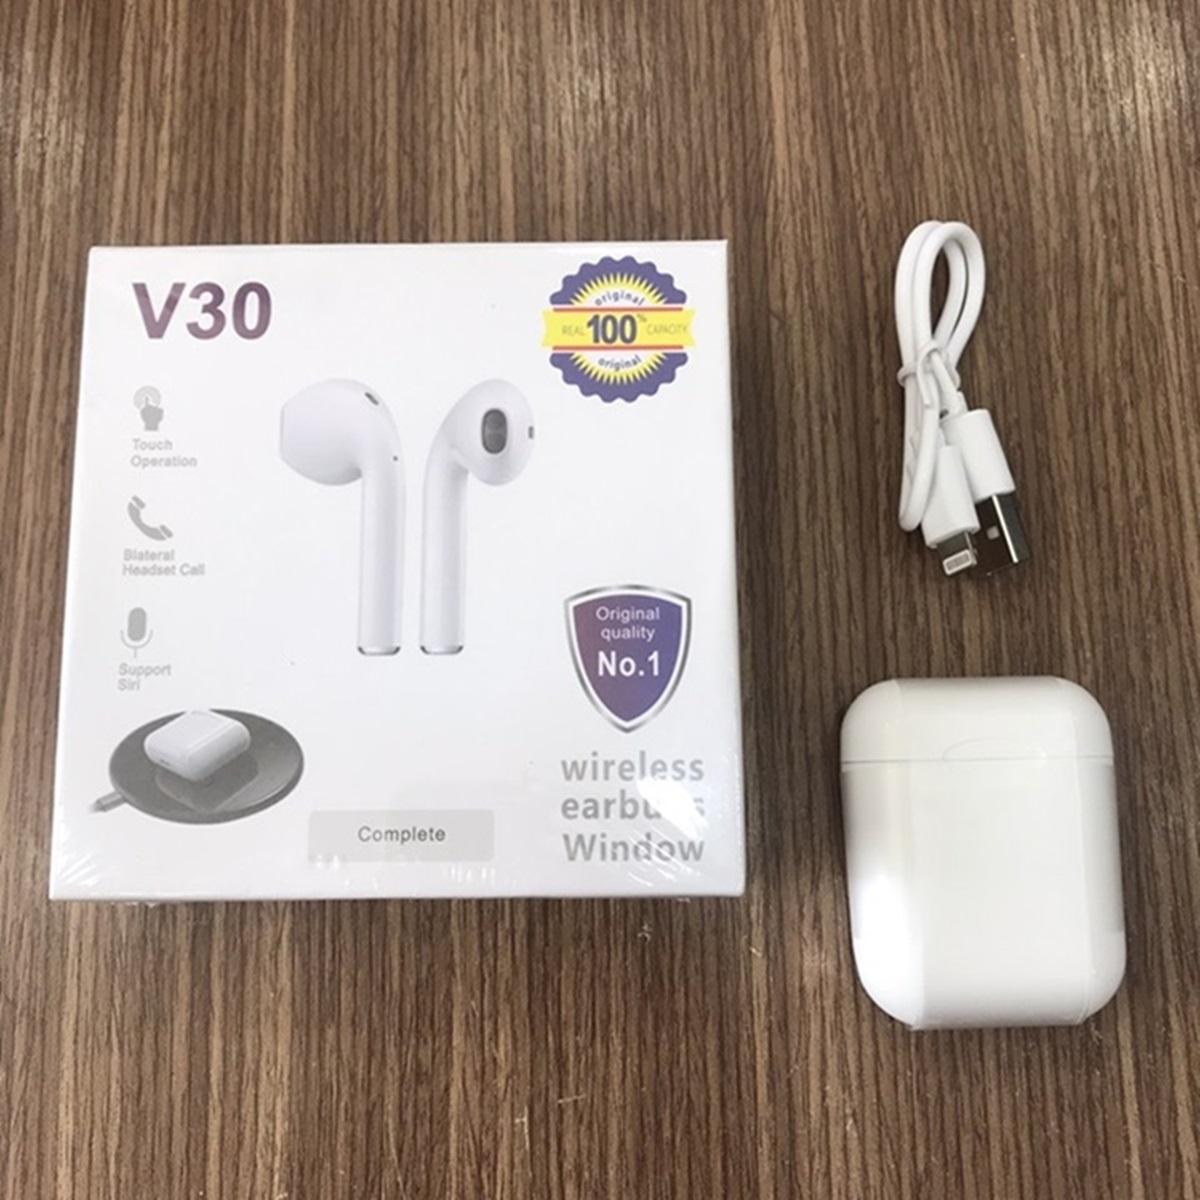 Tai nghe Bluetooth 5.0 cao cấp V30 - Hỗ trợ sạc không dây, Thiết kế thời  thượng,